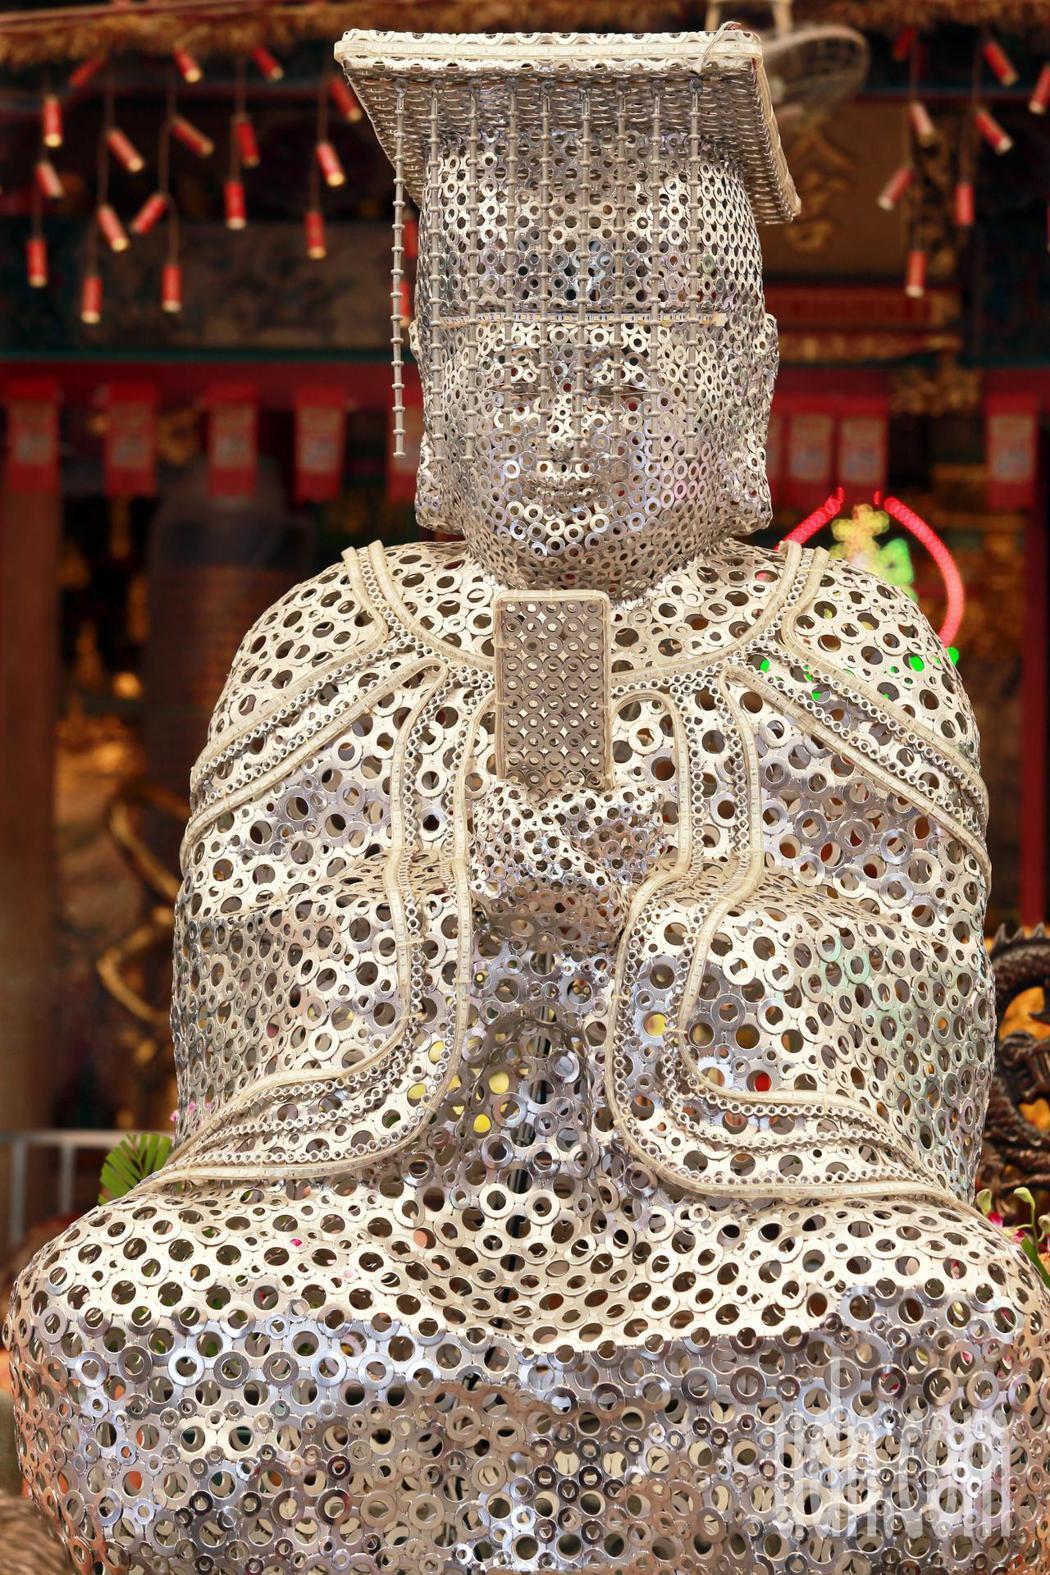 全球唯一擁有螺絲媽祖的岡山壽天宮,十分有特色。記者劉學聖/攝影